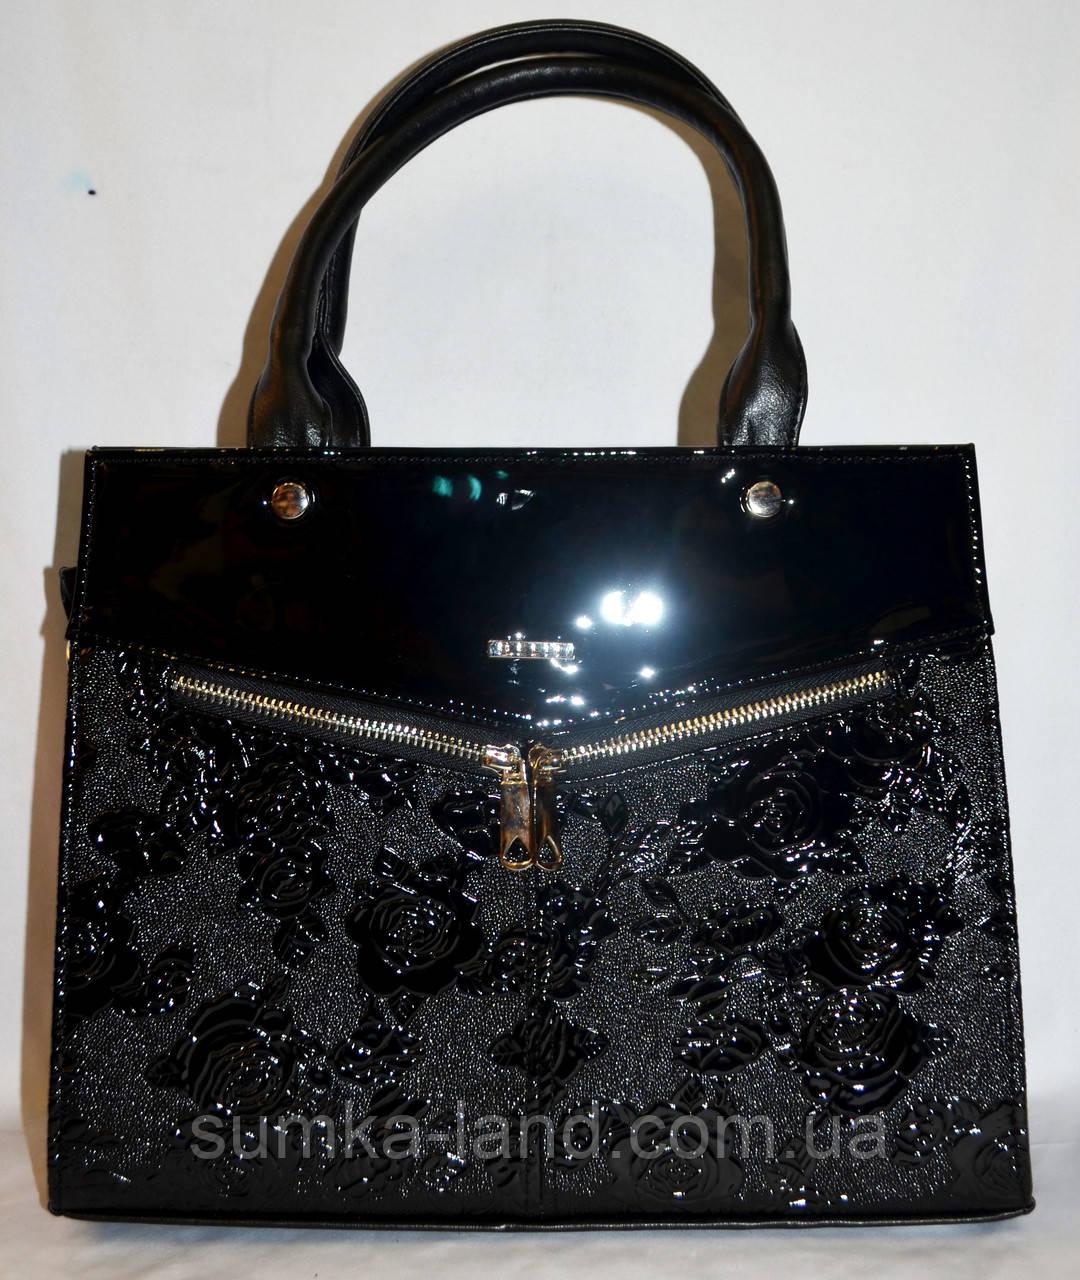 Женская каркасная сумка B Elit из кожзама с лаковой вставкой, с длинным ремешком 32*26 см (черный цветы)